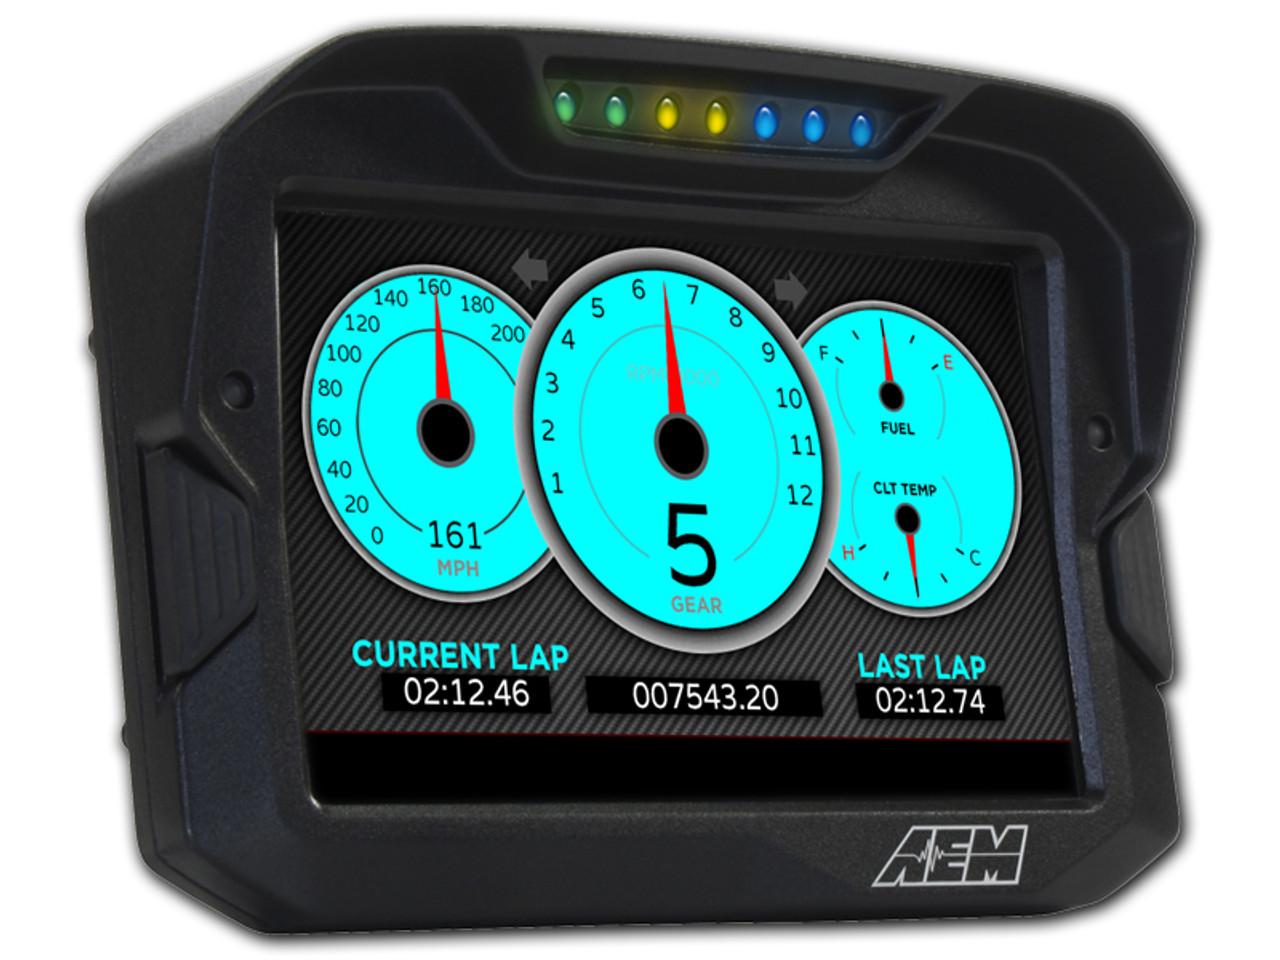 AEM CD-7 Digital Racing Dash Display